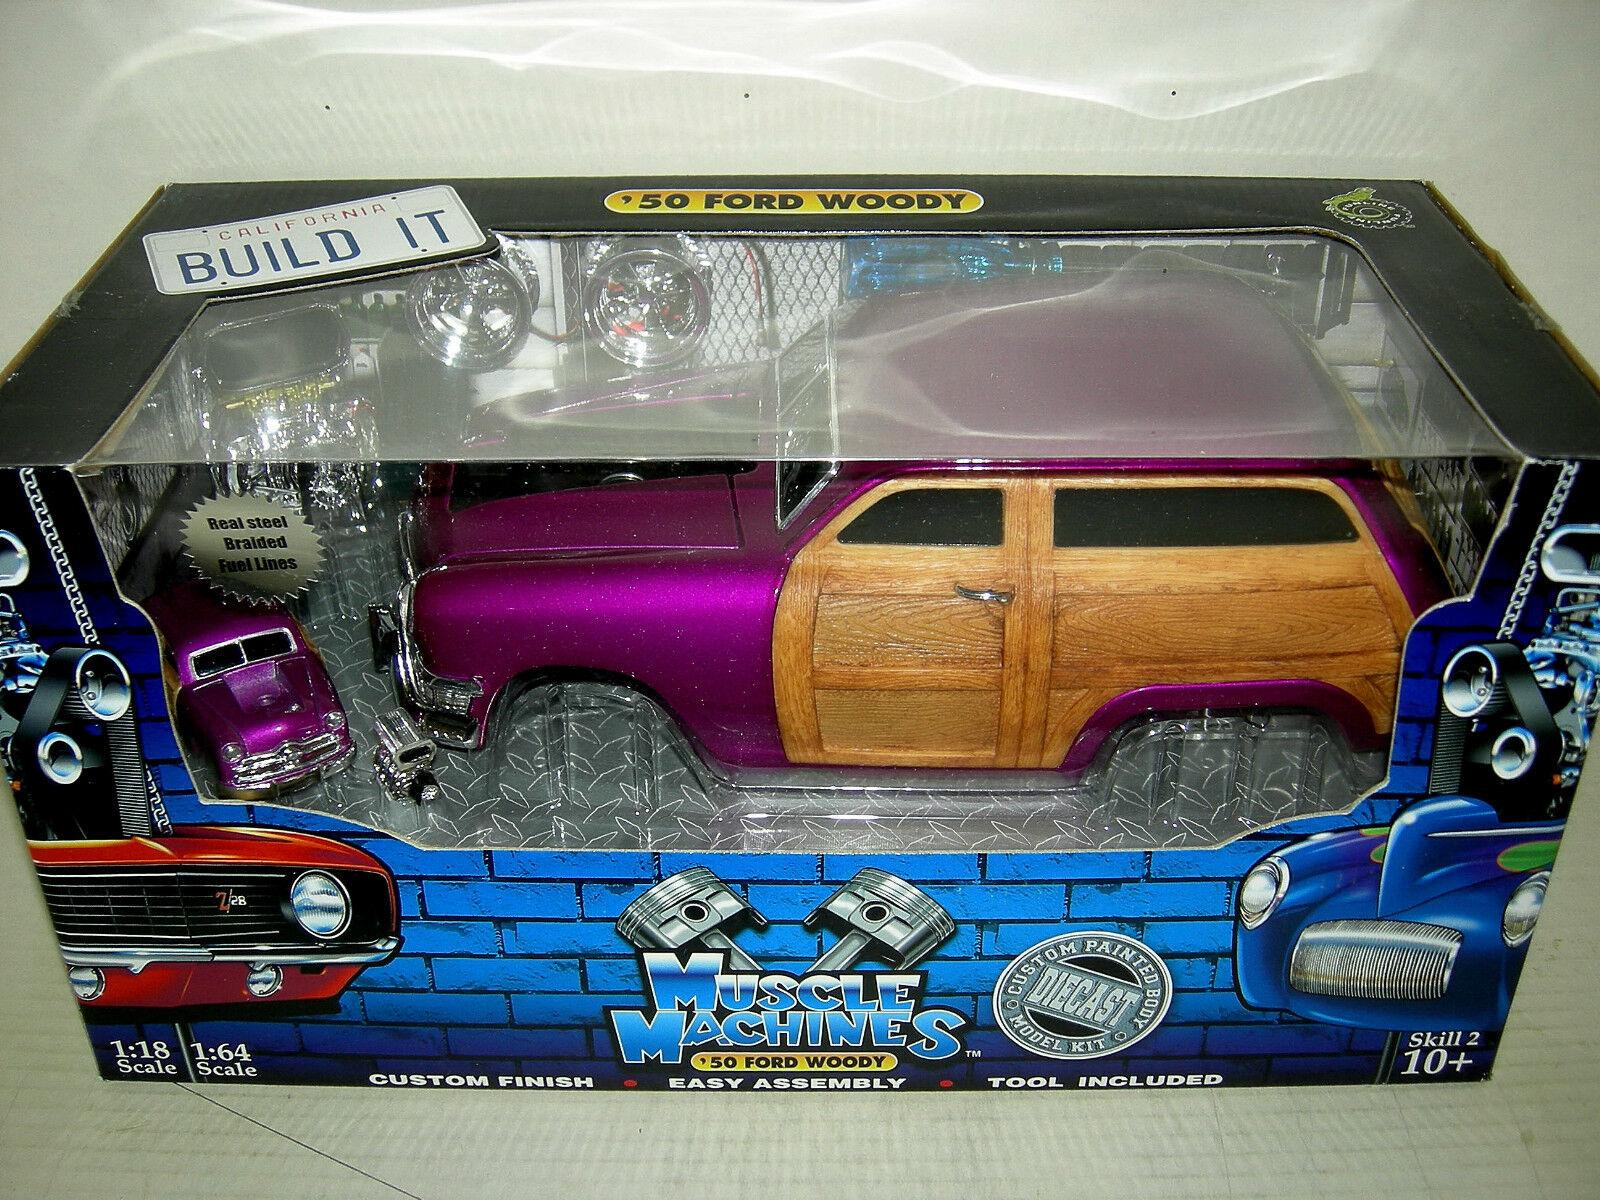 precios mas bajos 50 Ford Woody en Púrpura construirlo kit kit kit completo. máquina de músculo MIB 1 18  despacho de tienda